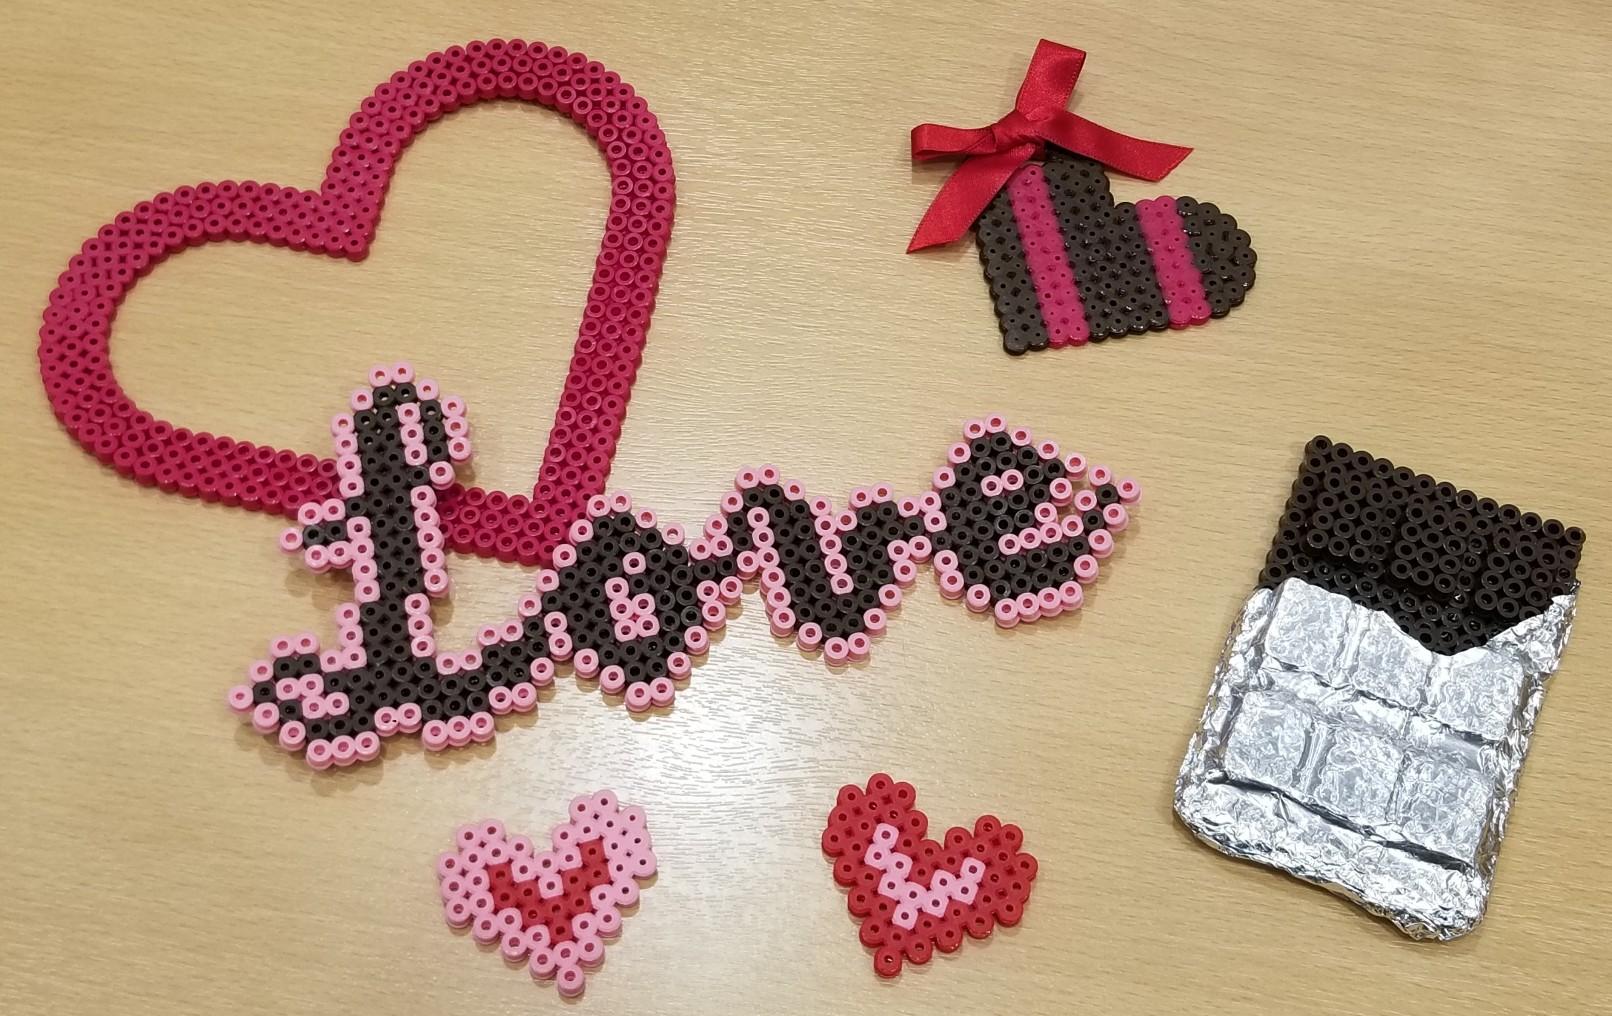 バレンタインに手作りアイテムで差をつけよう!